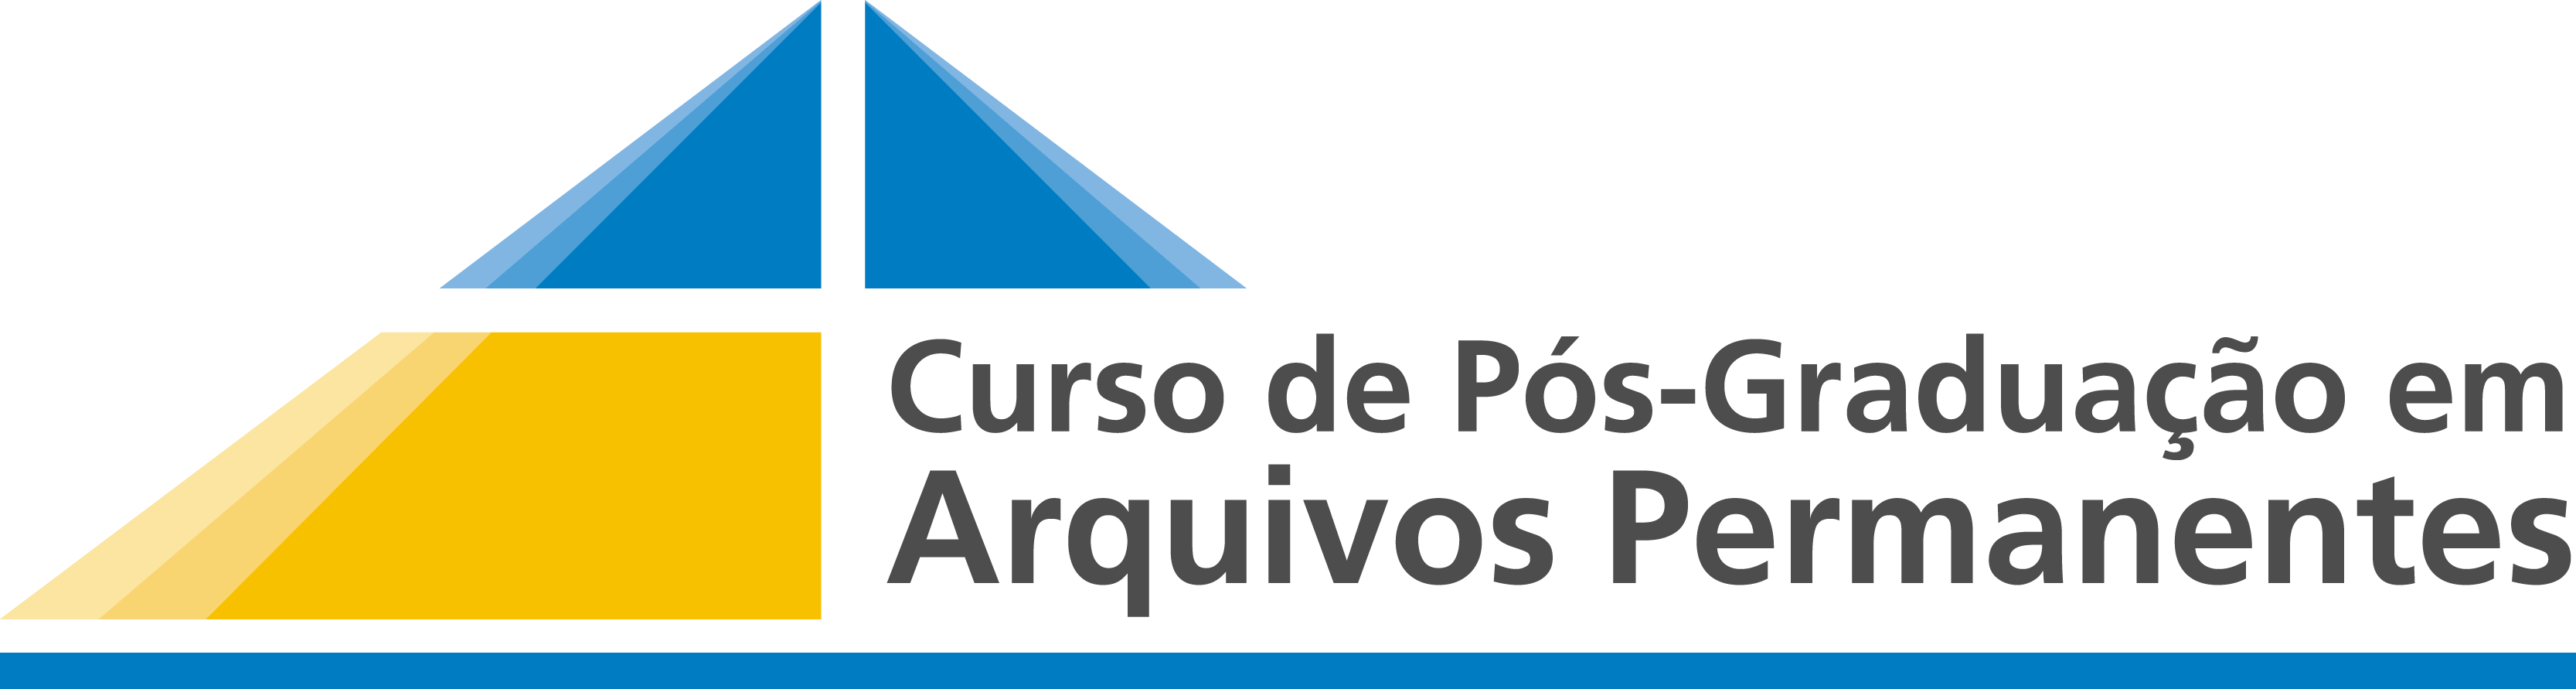 Arquivos Permanentes FURG